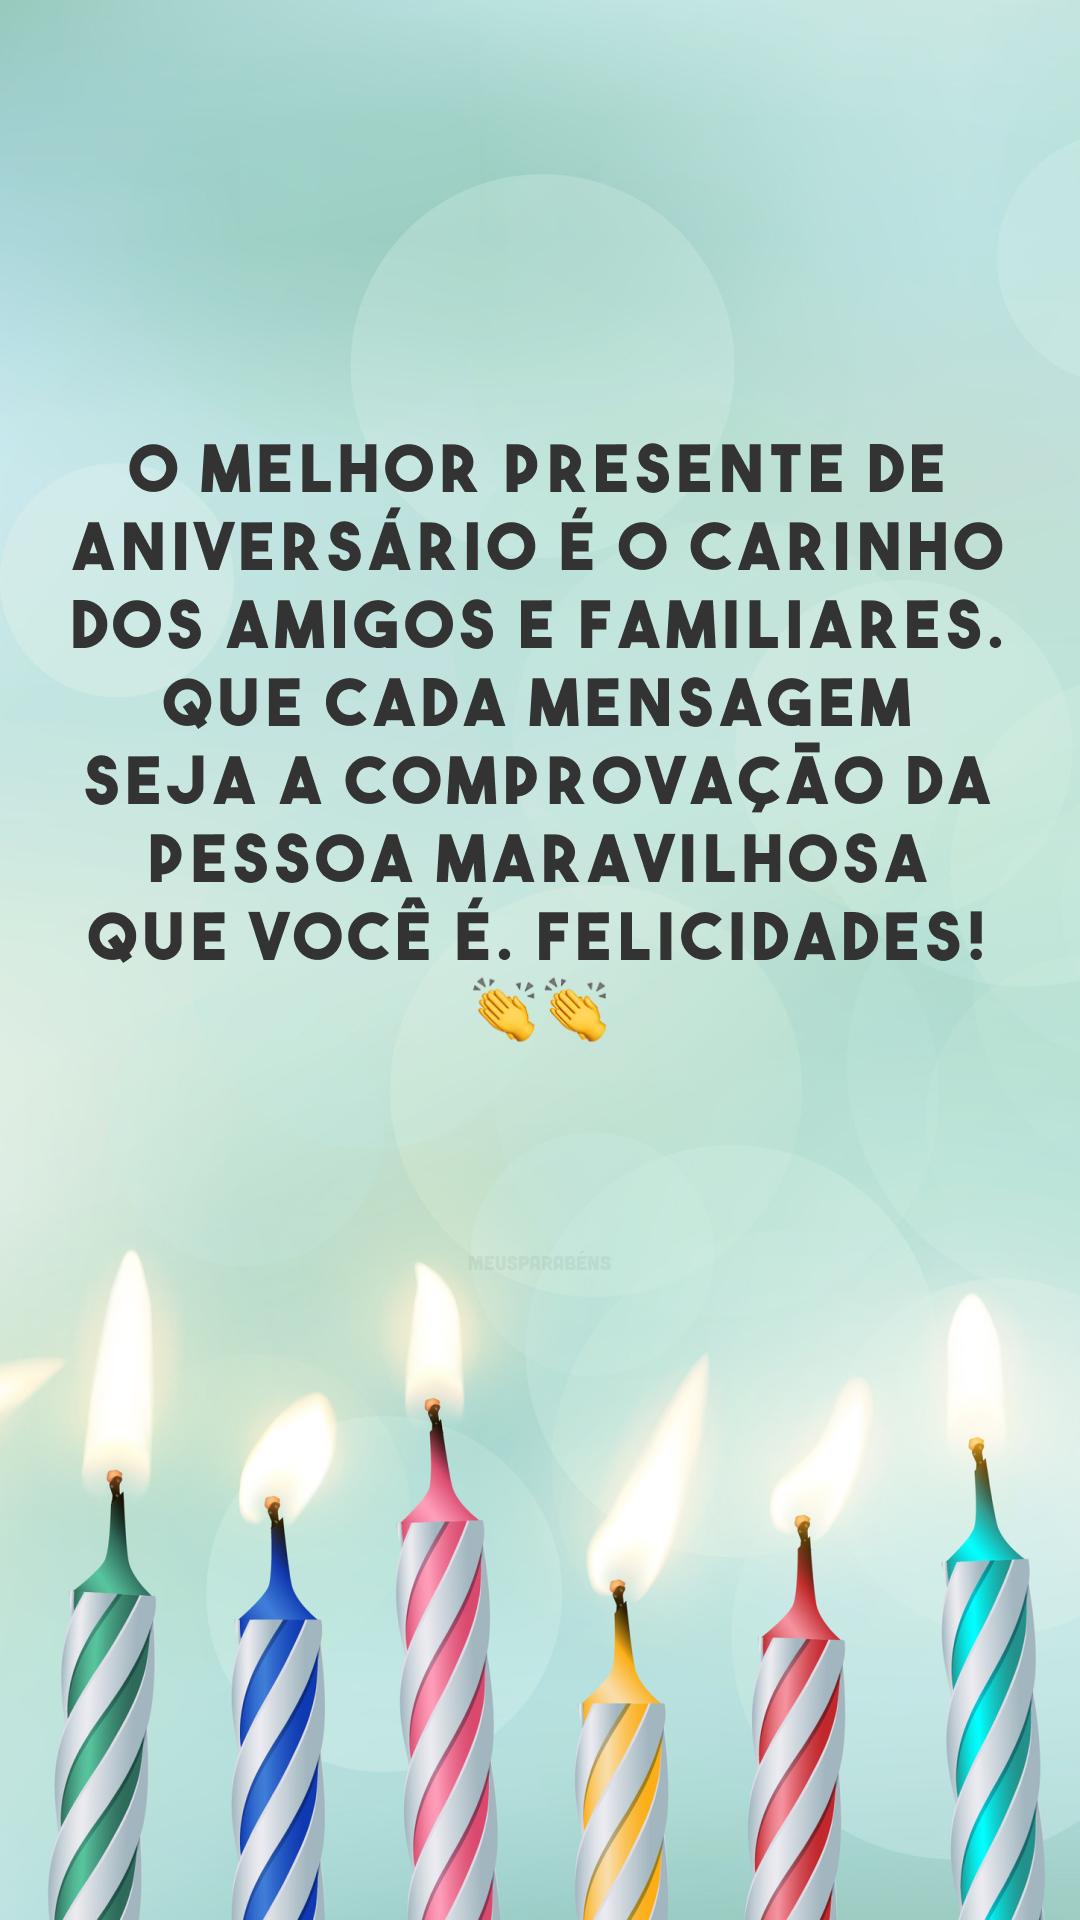 O melhor presente de aniversário é o carinho dos amigos e familiares. Que cada mensagem seja a comprovação da pessoa maravilhosa que você é. Felicidades! 👏👏